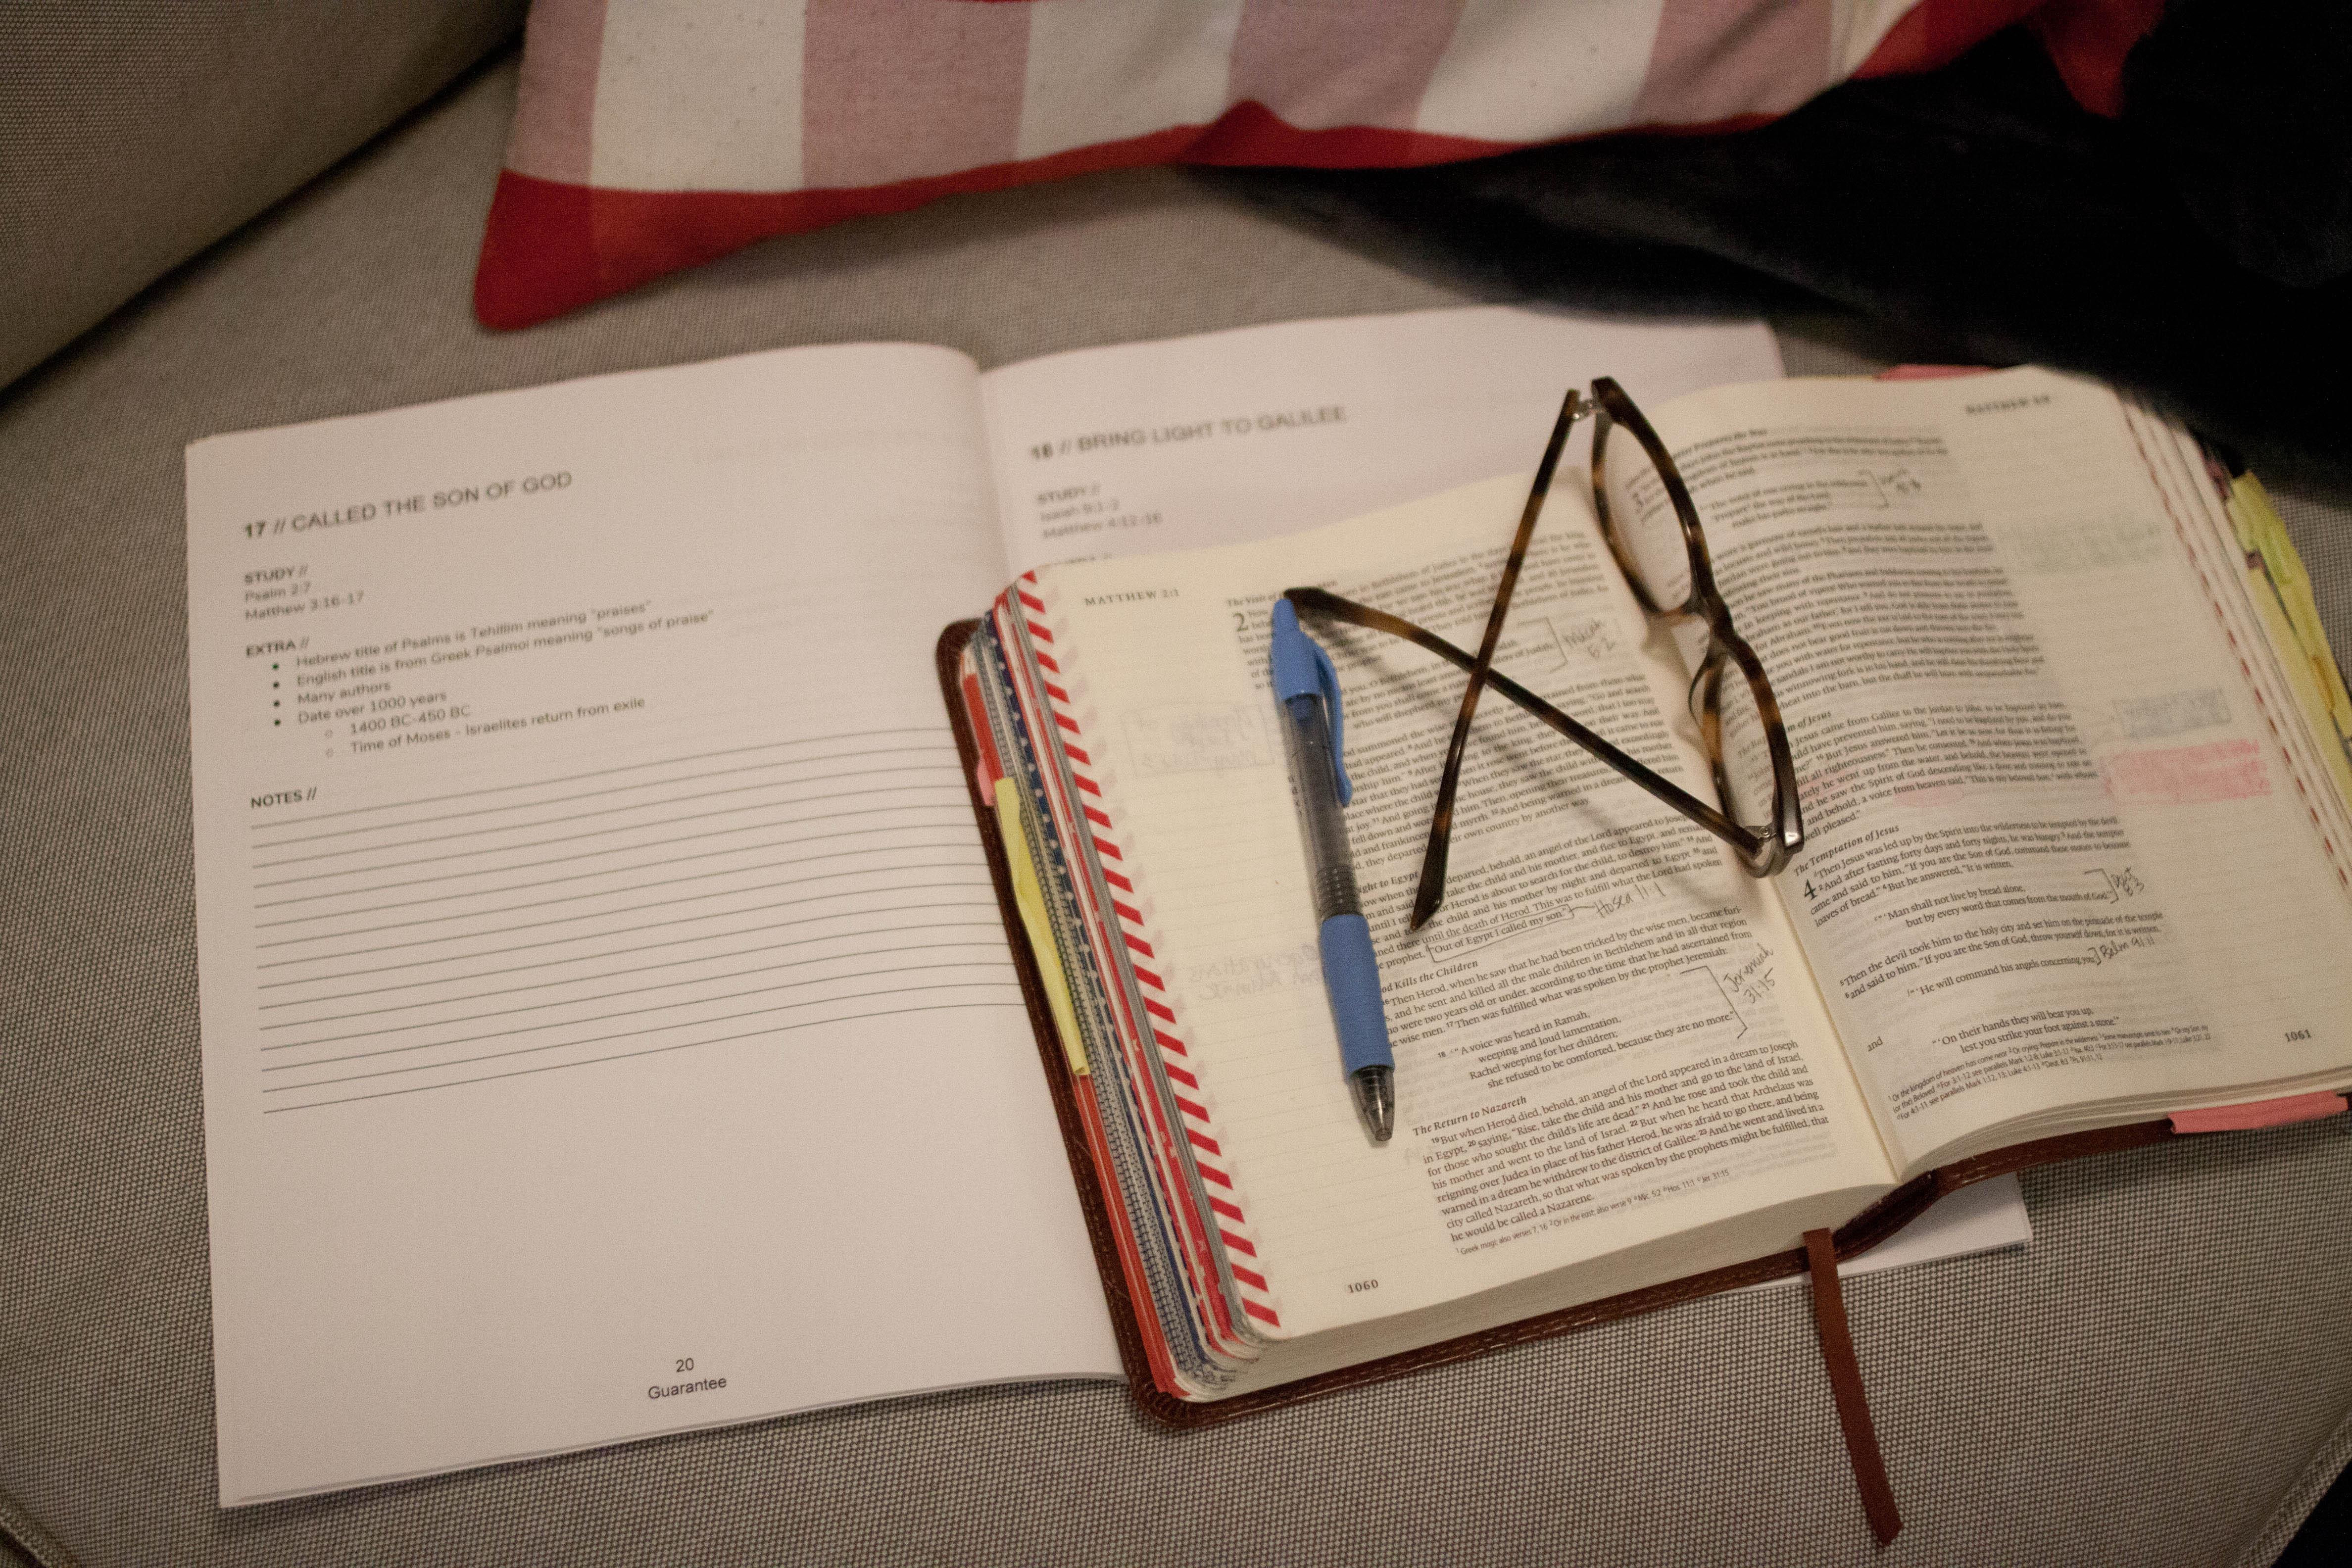 Guarantee Bible Study